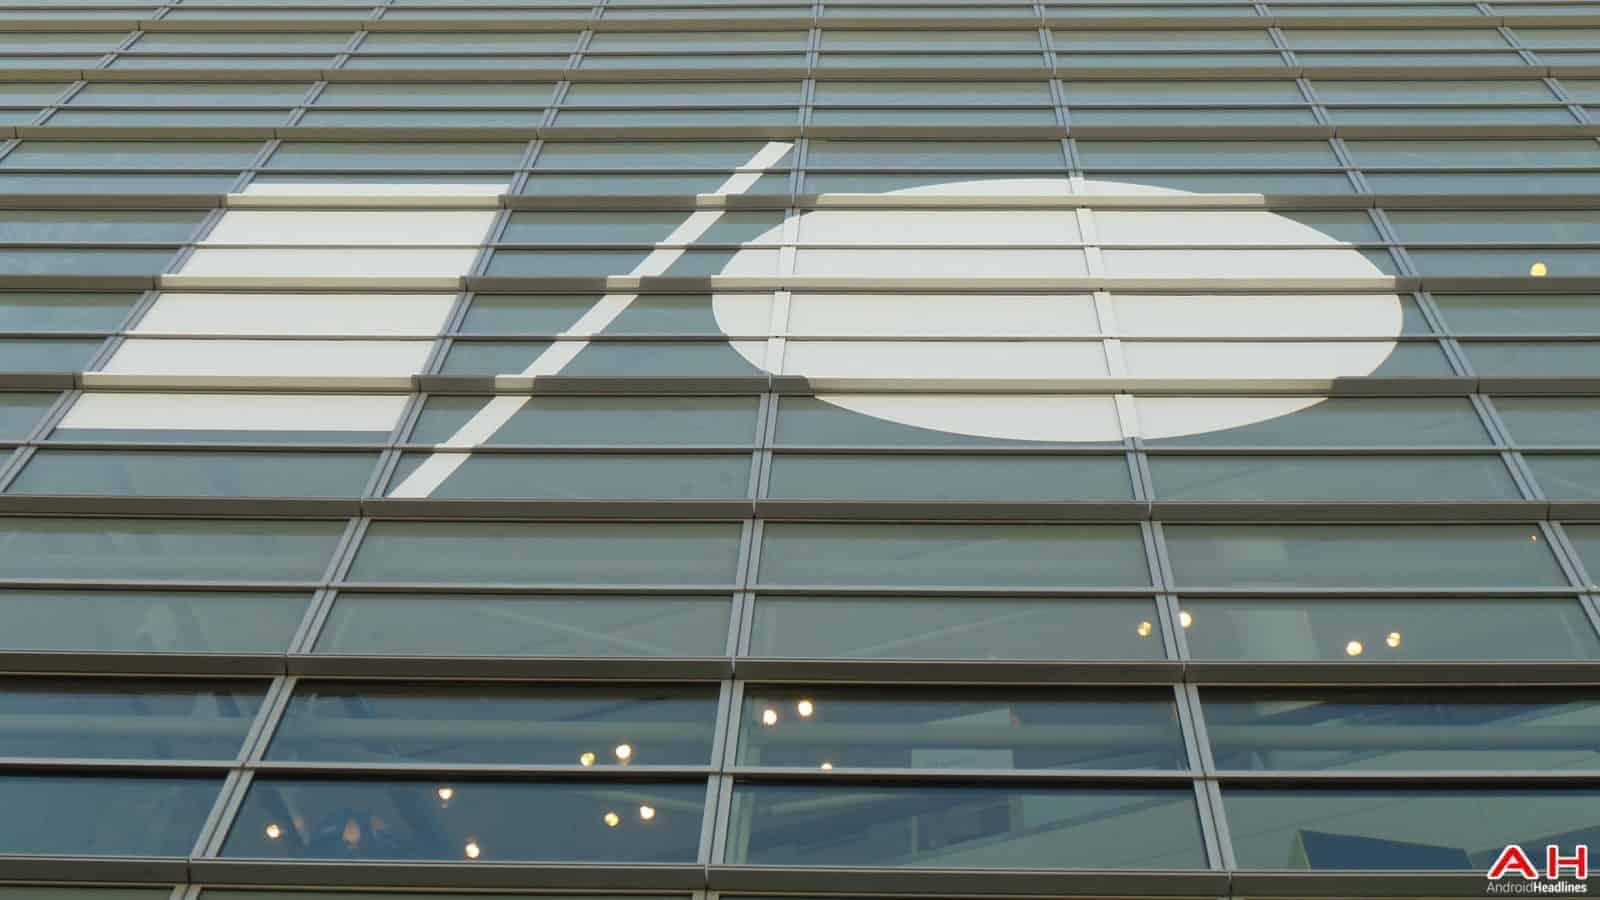 AH Google IO Building 2014 1.2